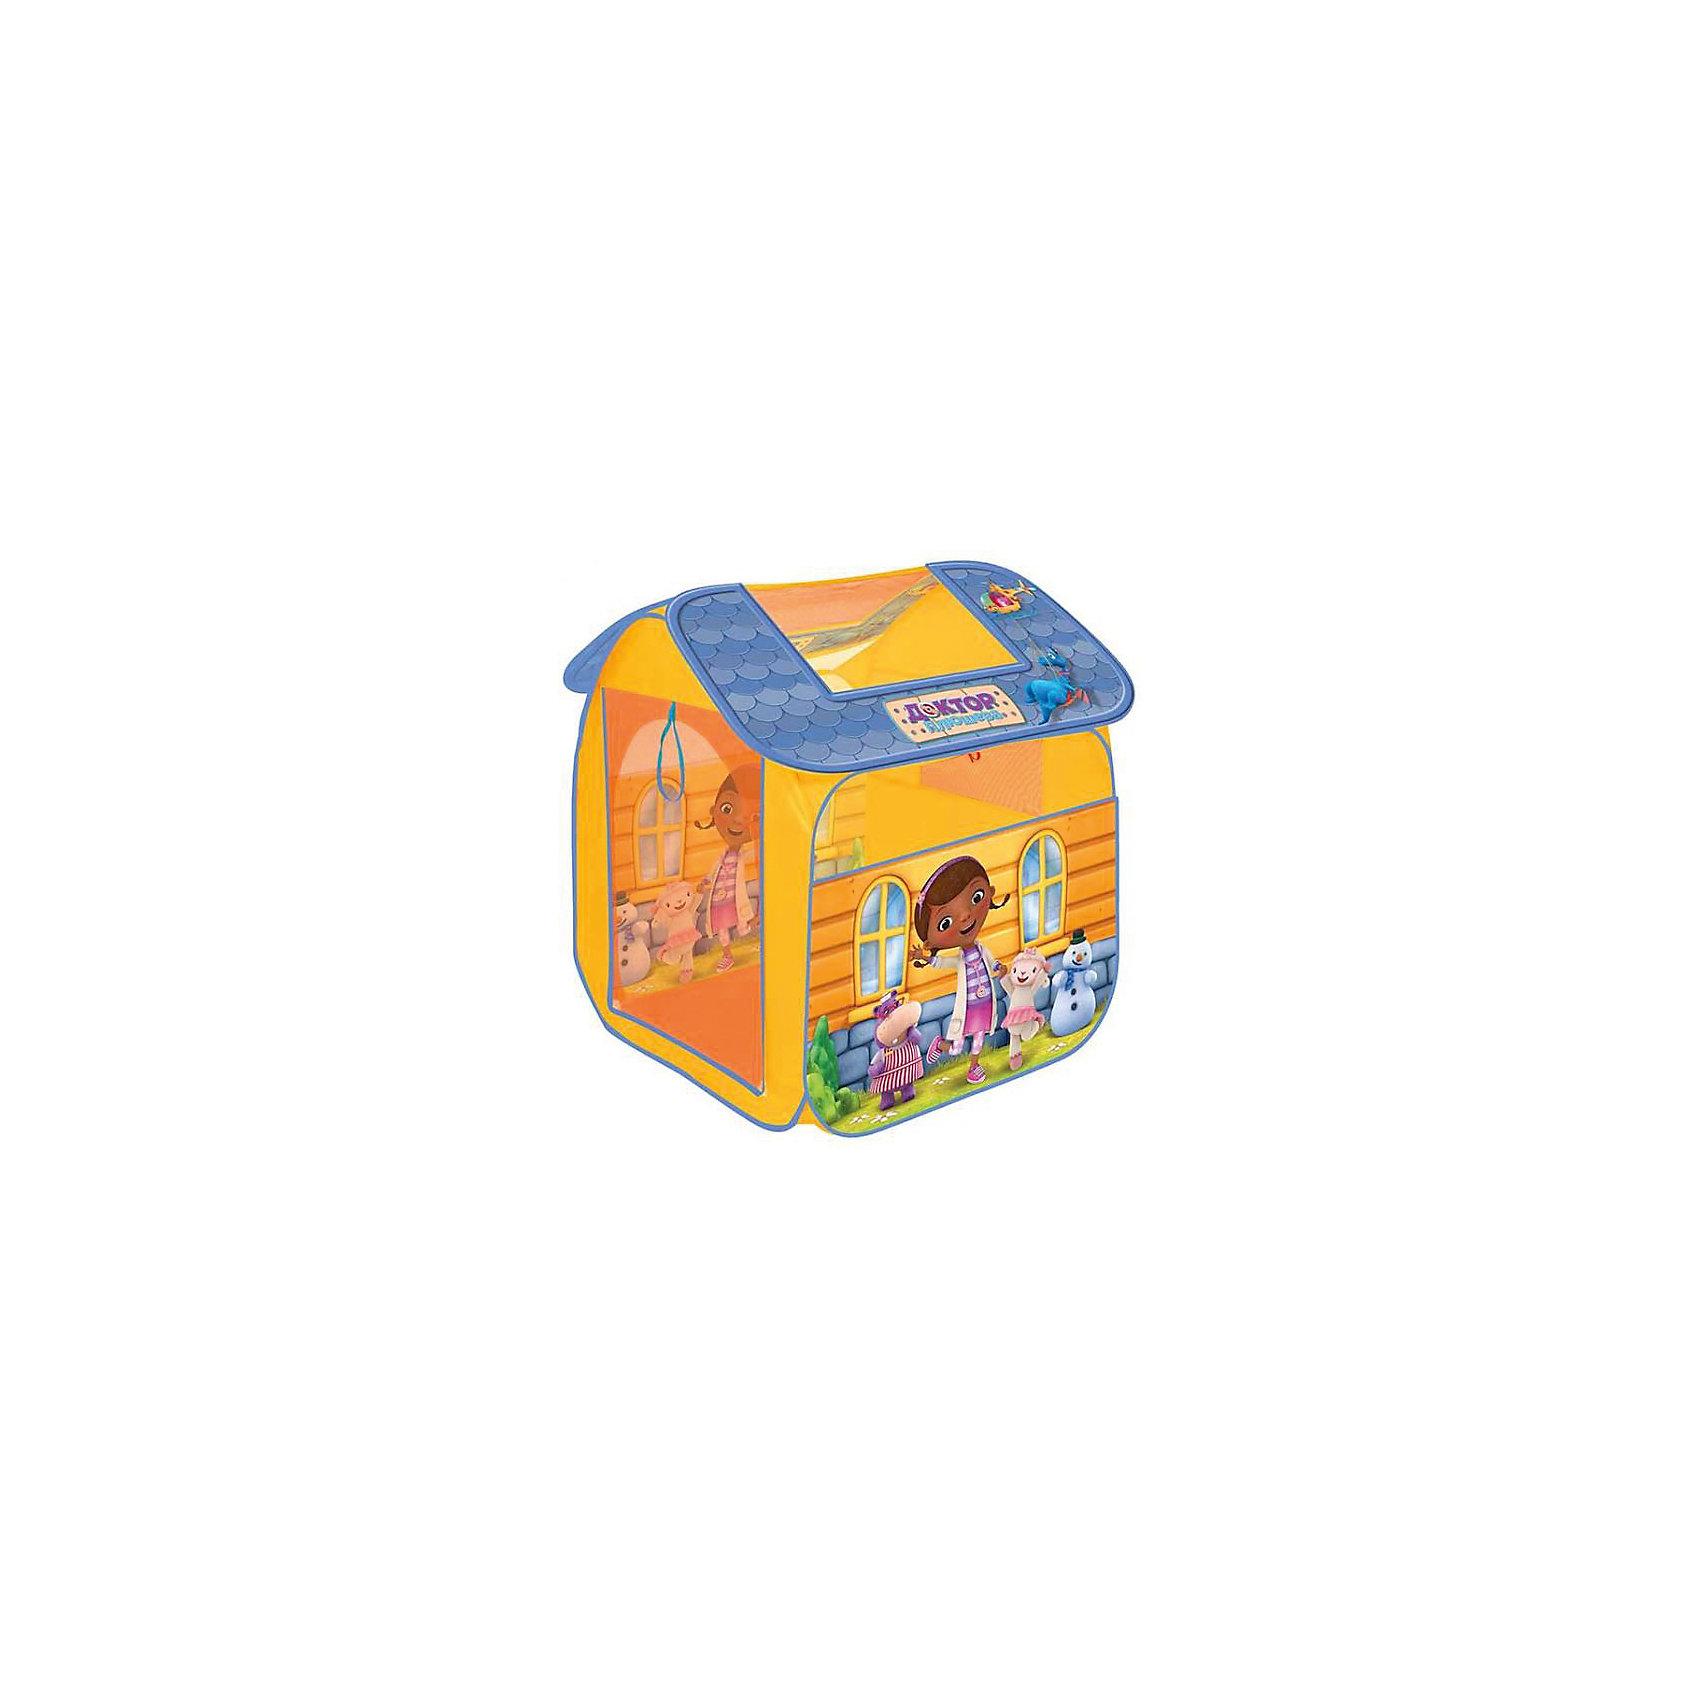 Палатка Доктор Плюшева, в сумке, Играем вместеИгровые центры<br>Палатка Доктор Плюшева, Играем вместе - настоящий сказочный домик для маленькой принцессы. Палатка приятной оранжевой расцветки украшена изображениями девочки Дотти и ее друзей - забавных игрушек из популярного мультсериала Доктор Плюшева (Doc McStuffins).<br>Палатка оснащена дверью на липучке, окошками из сетчатого материала и  большим окном для вентиляции на крыше палатки. Благодаря самораскладывающемуся каркасу-спирали палатка легко собирается и складывается. Этот замечательный игровой домик поможет Вашей девочке создать свой уютный уголок для игр как в помещении, так и на улице. Палатка компактно складывается в небольшую сумочку, поэтому ее удобно брать с собой на прогулку или в поездку. Выполнена из прочного, водонепроницаемого, моющегося материала. Яркая палатка будет чудесным местом для самостоятельной игры ребёнка и отлично подойдёт для сюжетно-ролевых игр. <br><br>Дополнительная информация:<br><br>- Материал: текстиль. <br>- Размер палатки: 83 х 80 х 105 см.<br>- Размер упаковки: 40 x 40 x 3 см.<br>- Вес с упаковкой: 0,71 кг. <br><br>Палатку Доктор Плюшева, в сумке, Играем вместе, можно купить в нашем интернет-магазине.<br><br>Ширина мм: 400<br>Глубина мм: 400<br>Высота мм: 30<br>Вес г: 710<br>Возраст от месяцев: 36<br>Возраст до месяцев: 120<br>Пол: Женский<br>Возраст: Детский<br>SKU: 4546556